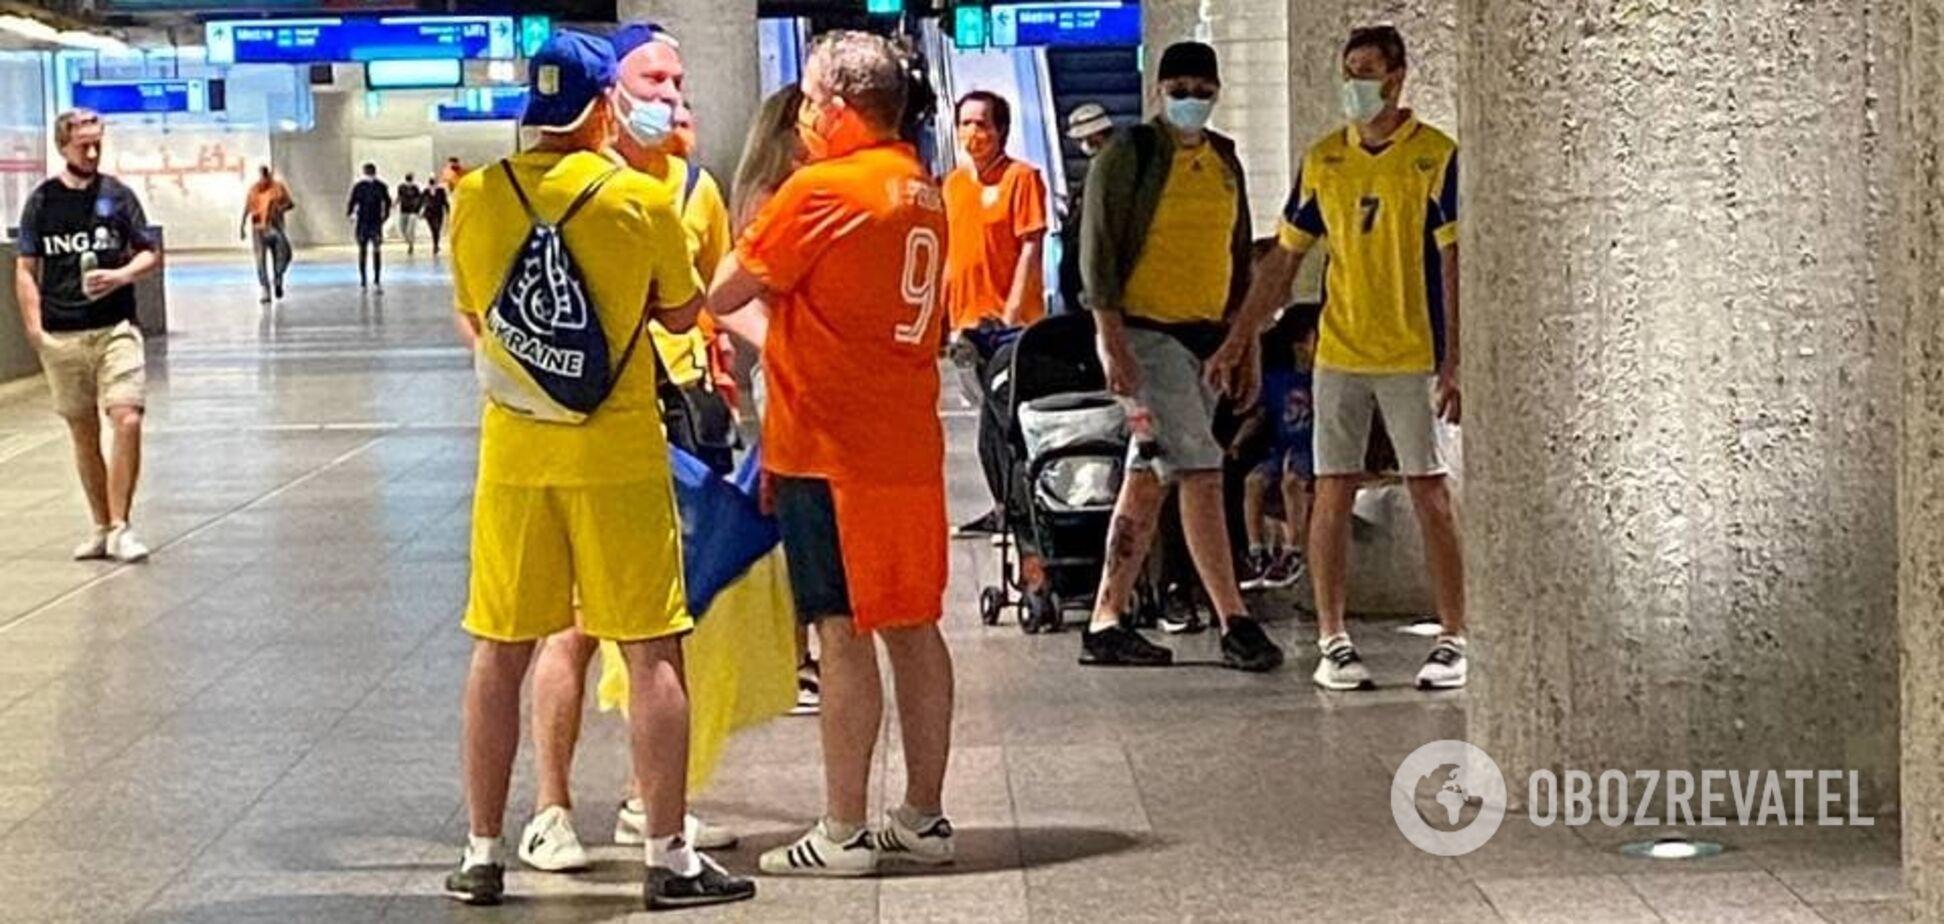 Украинцы на Евро-2020 передали привет Путину